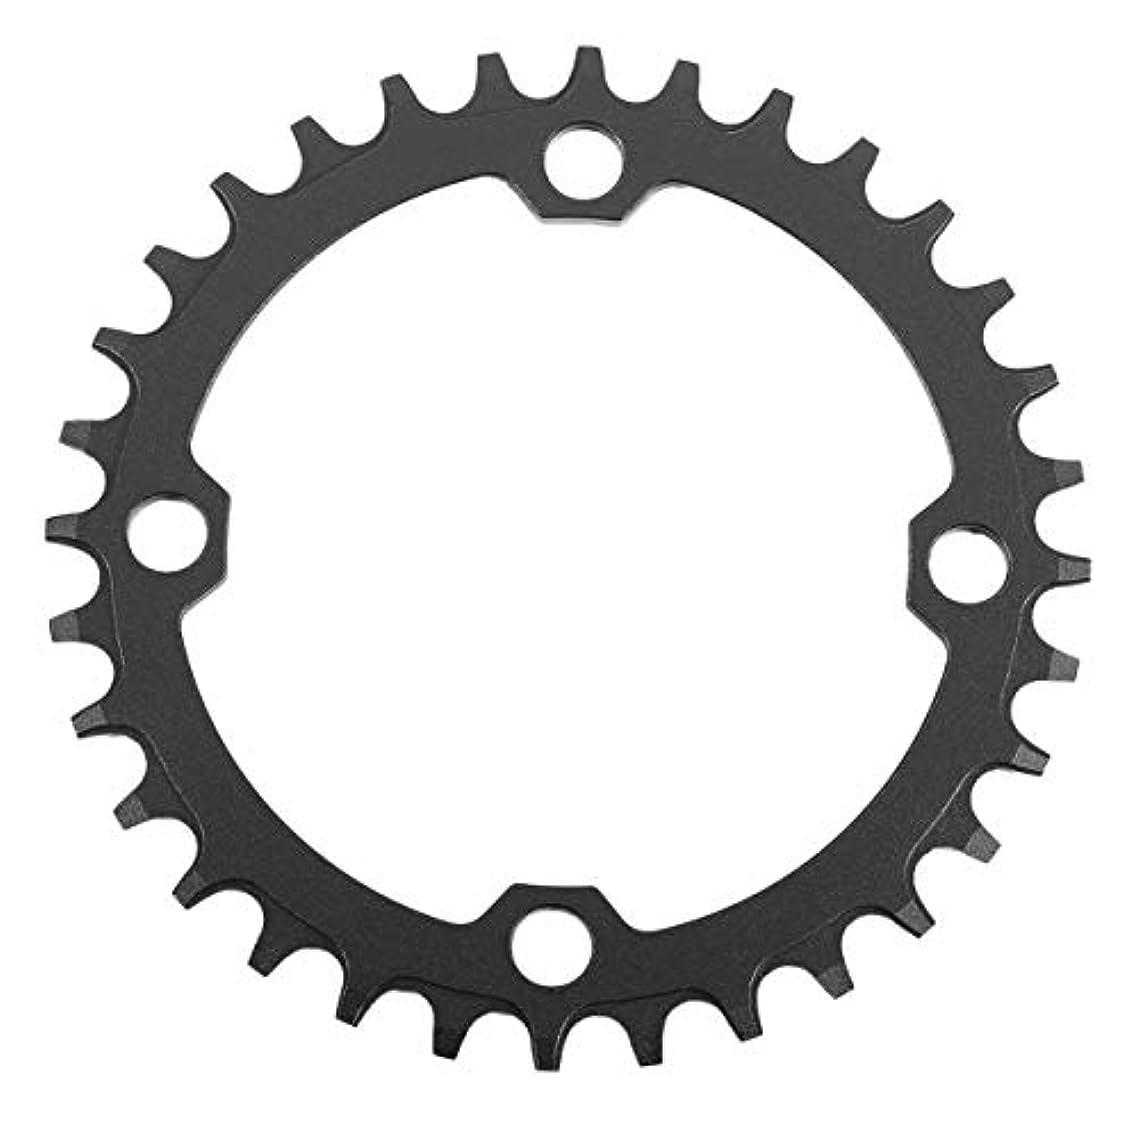 聖人割り当てであることDECKAS Narrow Wide Bike MTB Crank Round Oval Chainring Chain Ring自転車Chainwheel Bike Circle Single Plate-ブラック